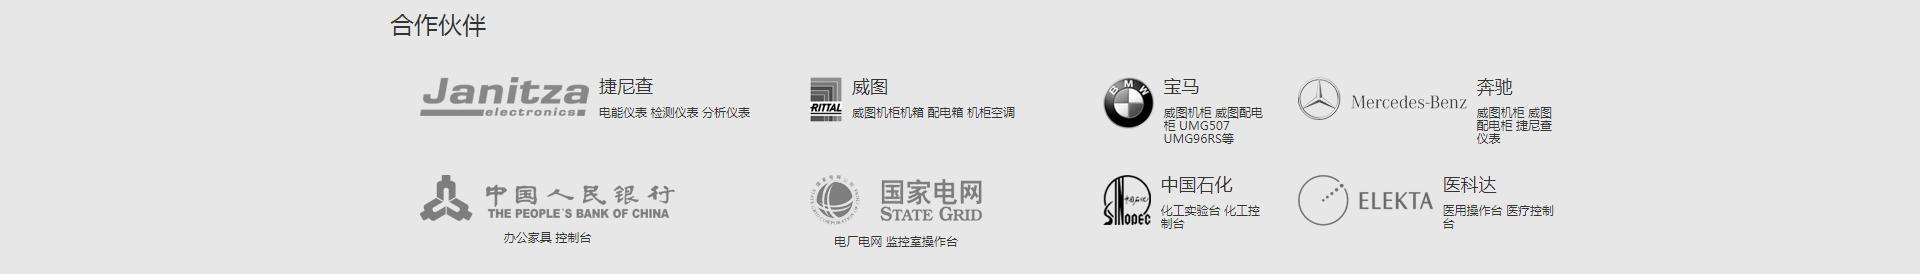 沈阳体育比赛竞猜科技有限公司专属logo